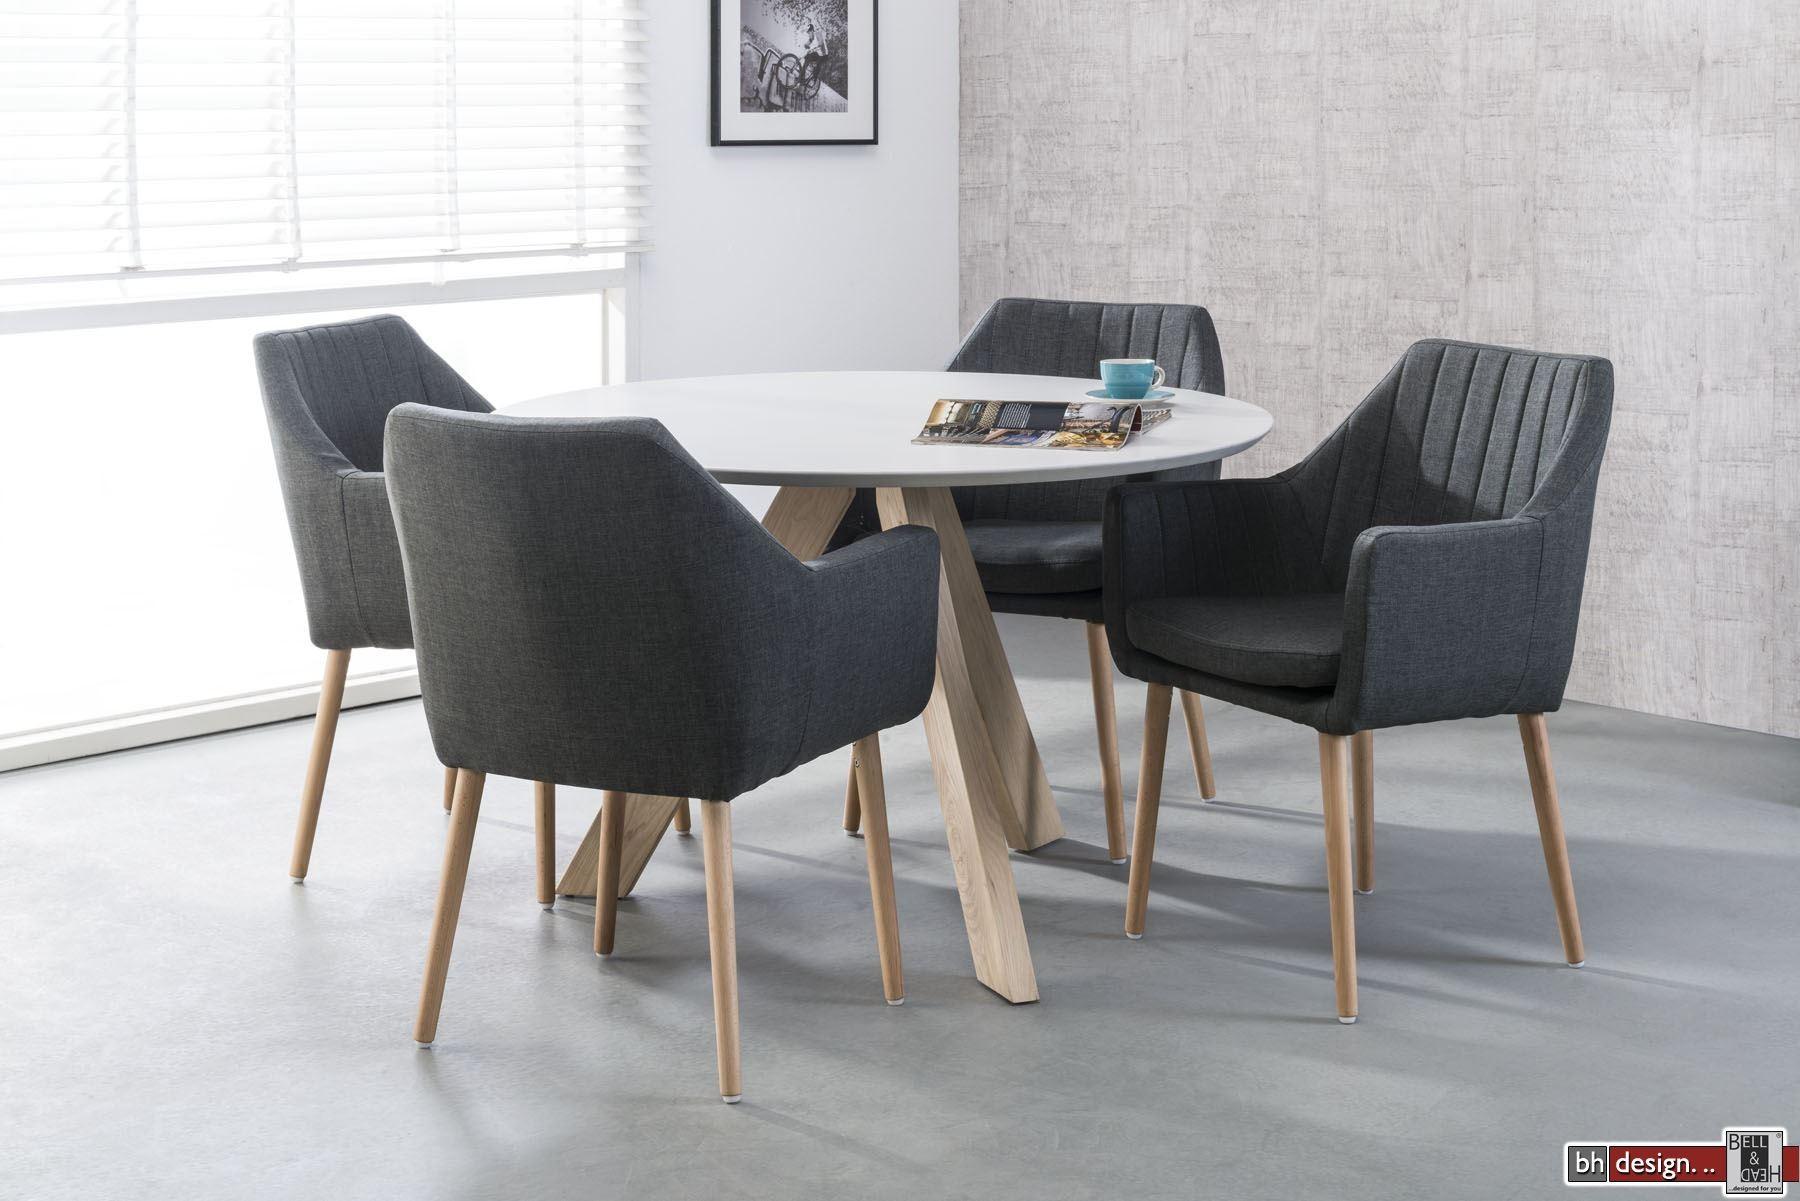 Mona armlehnstuhl im skandinavien style stoff anthrazit for Designer armlehnstuhl